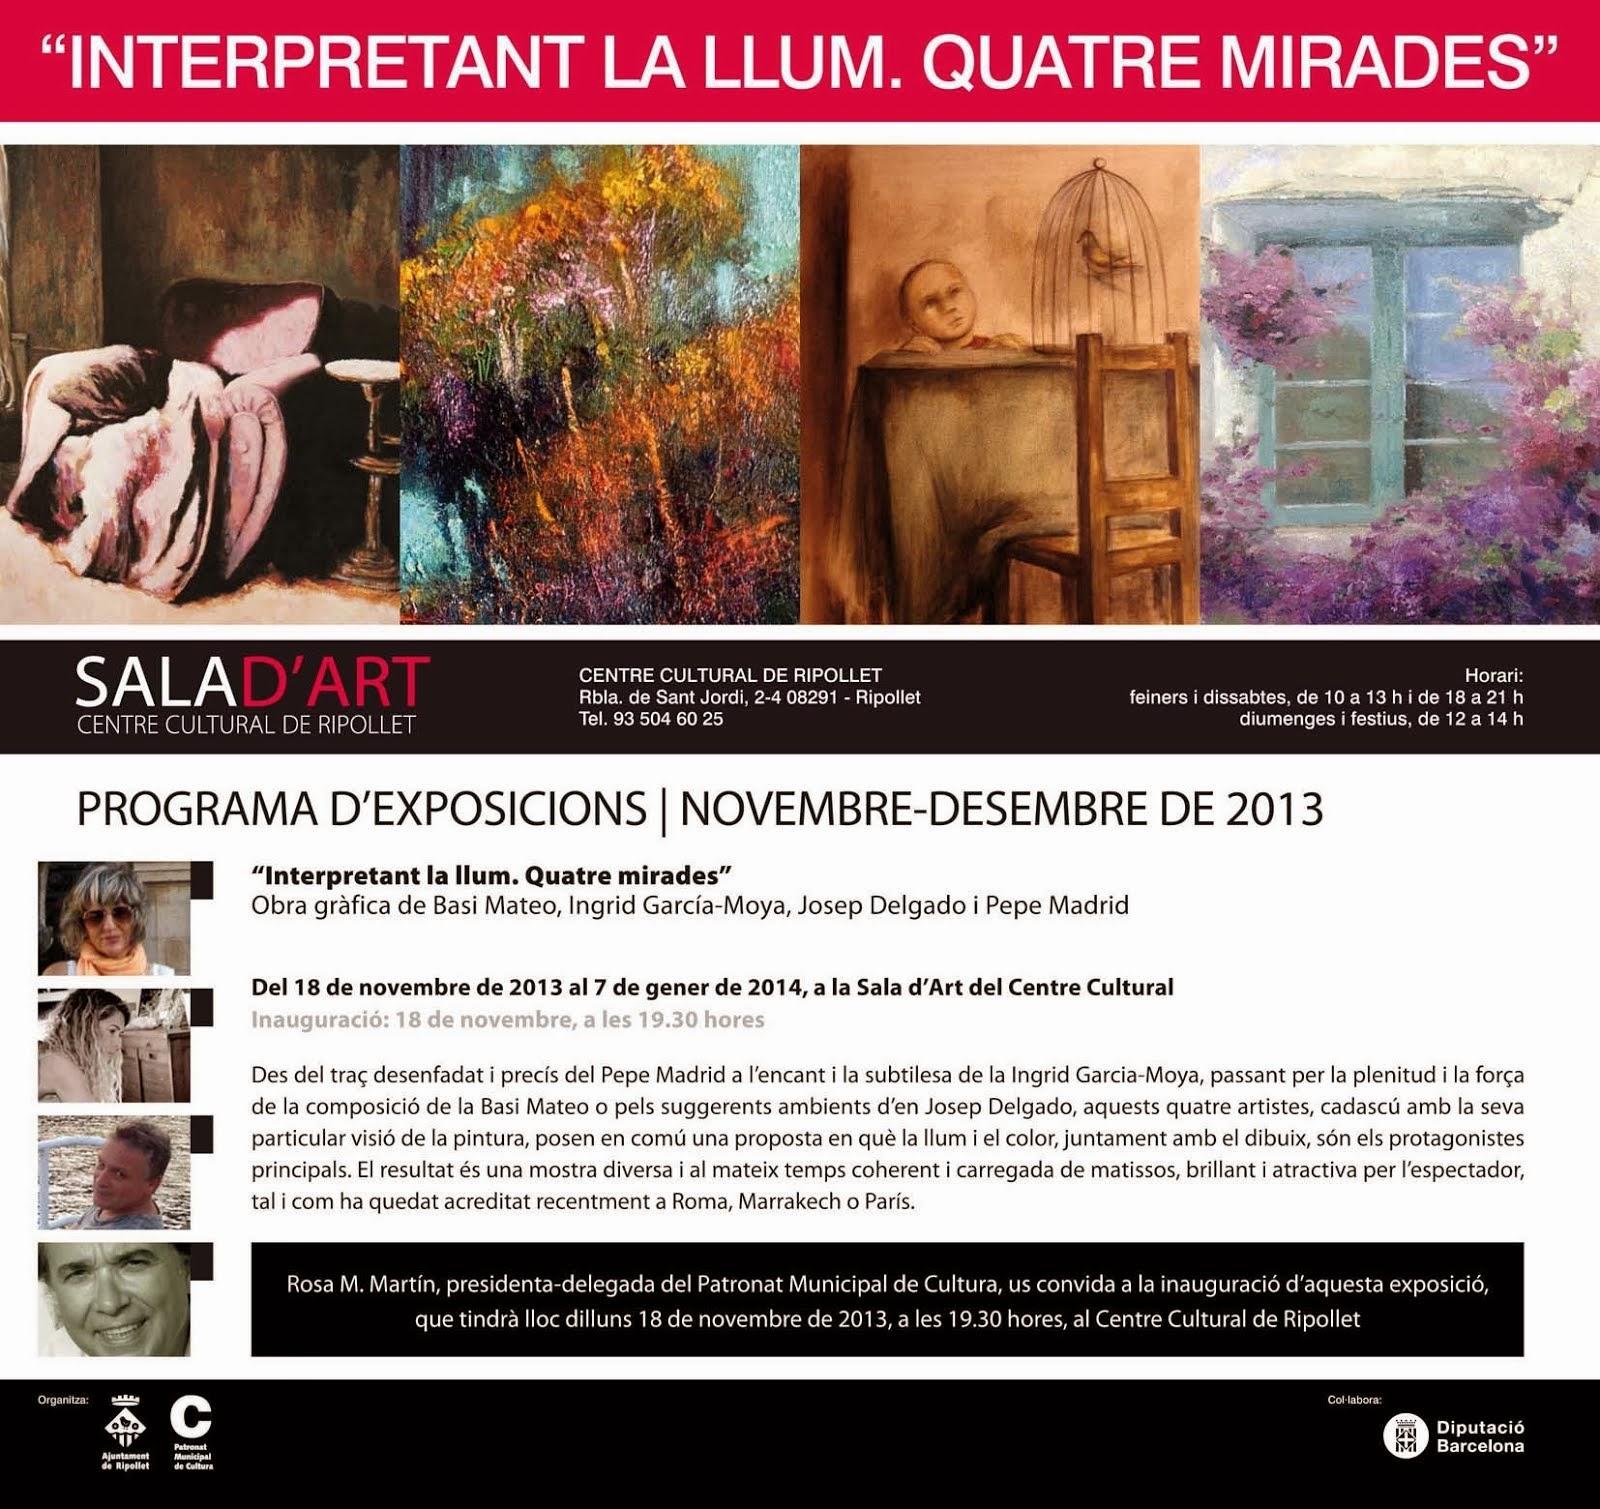 EXPOSICIÓ RIPOLLET INTERPRETANT LA LLUM - QUATRE MIRADES / DESEMBRE 2013 - GENER 2014